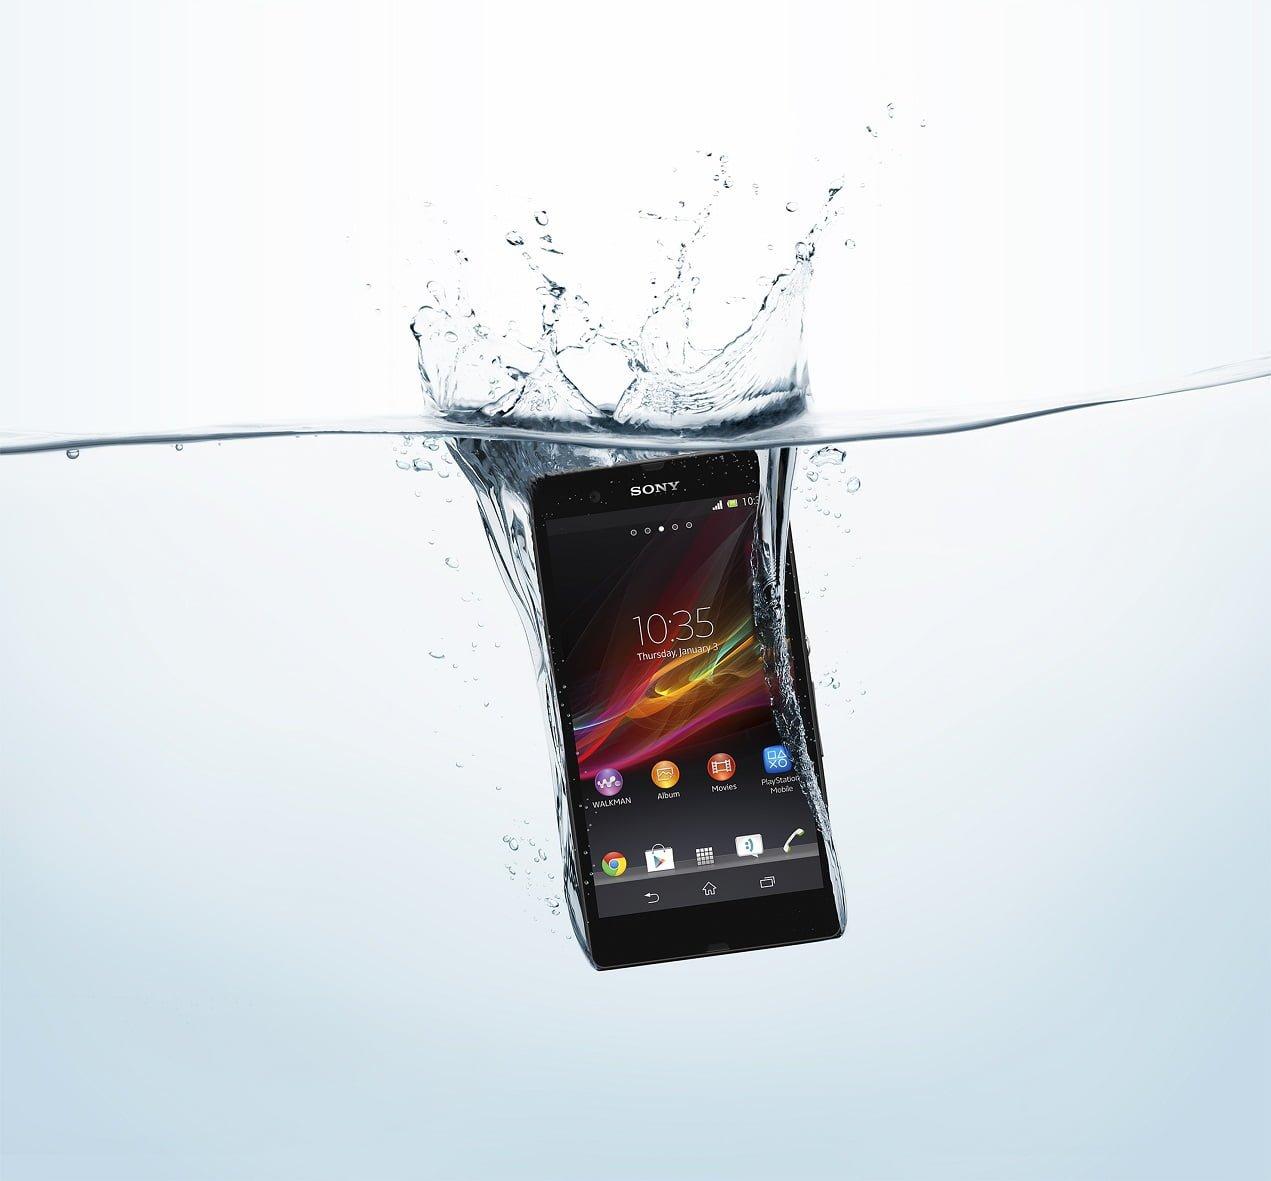 Xperia-Z-Sony 9